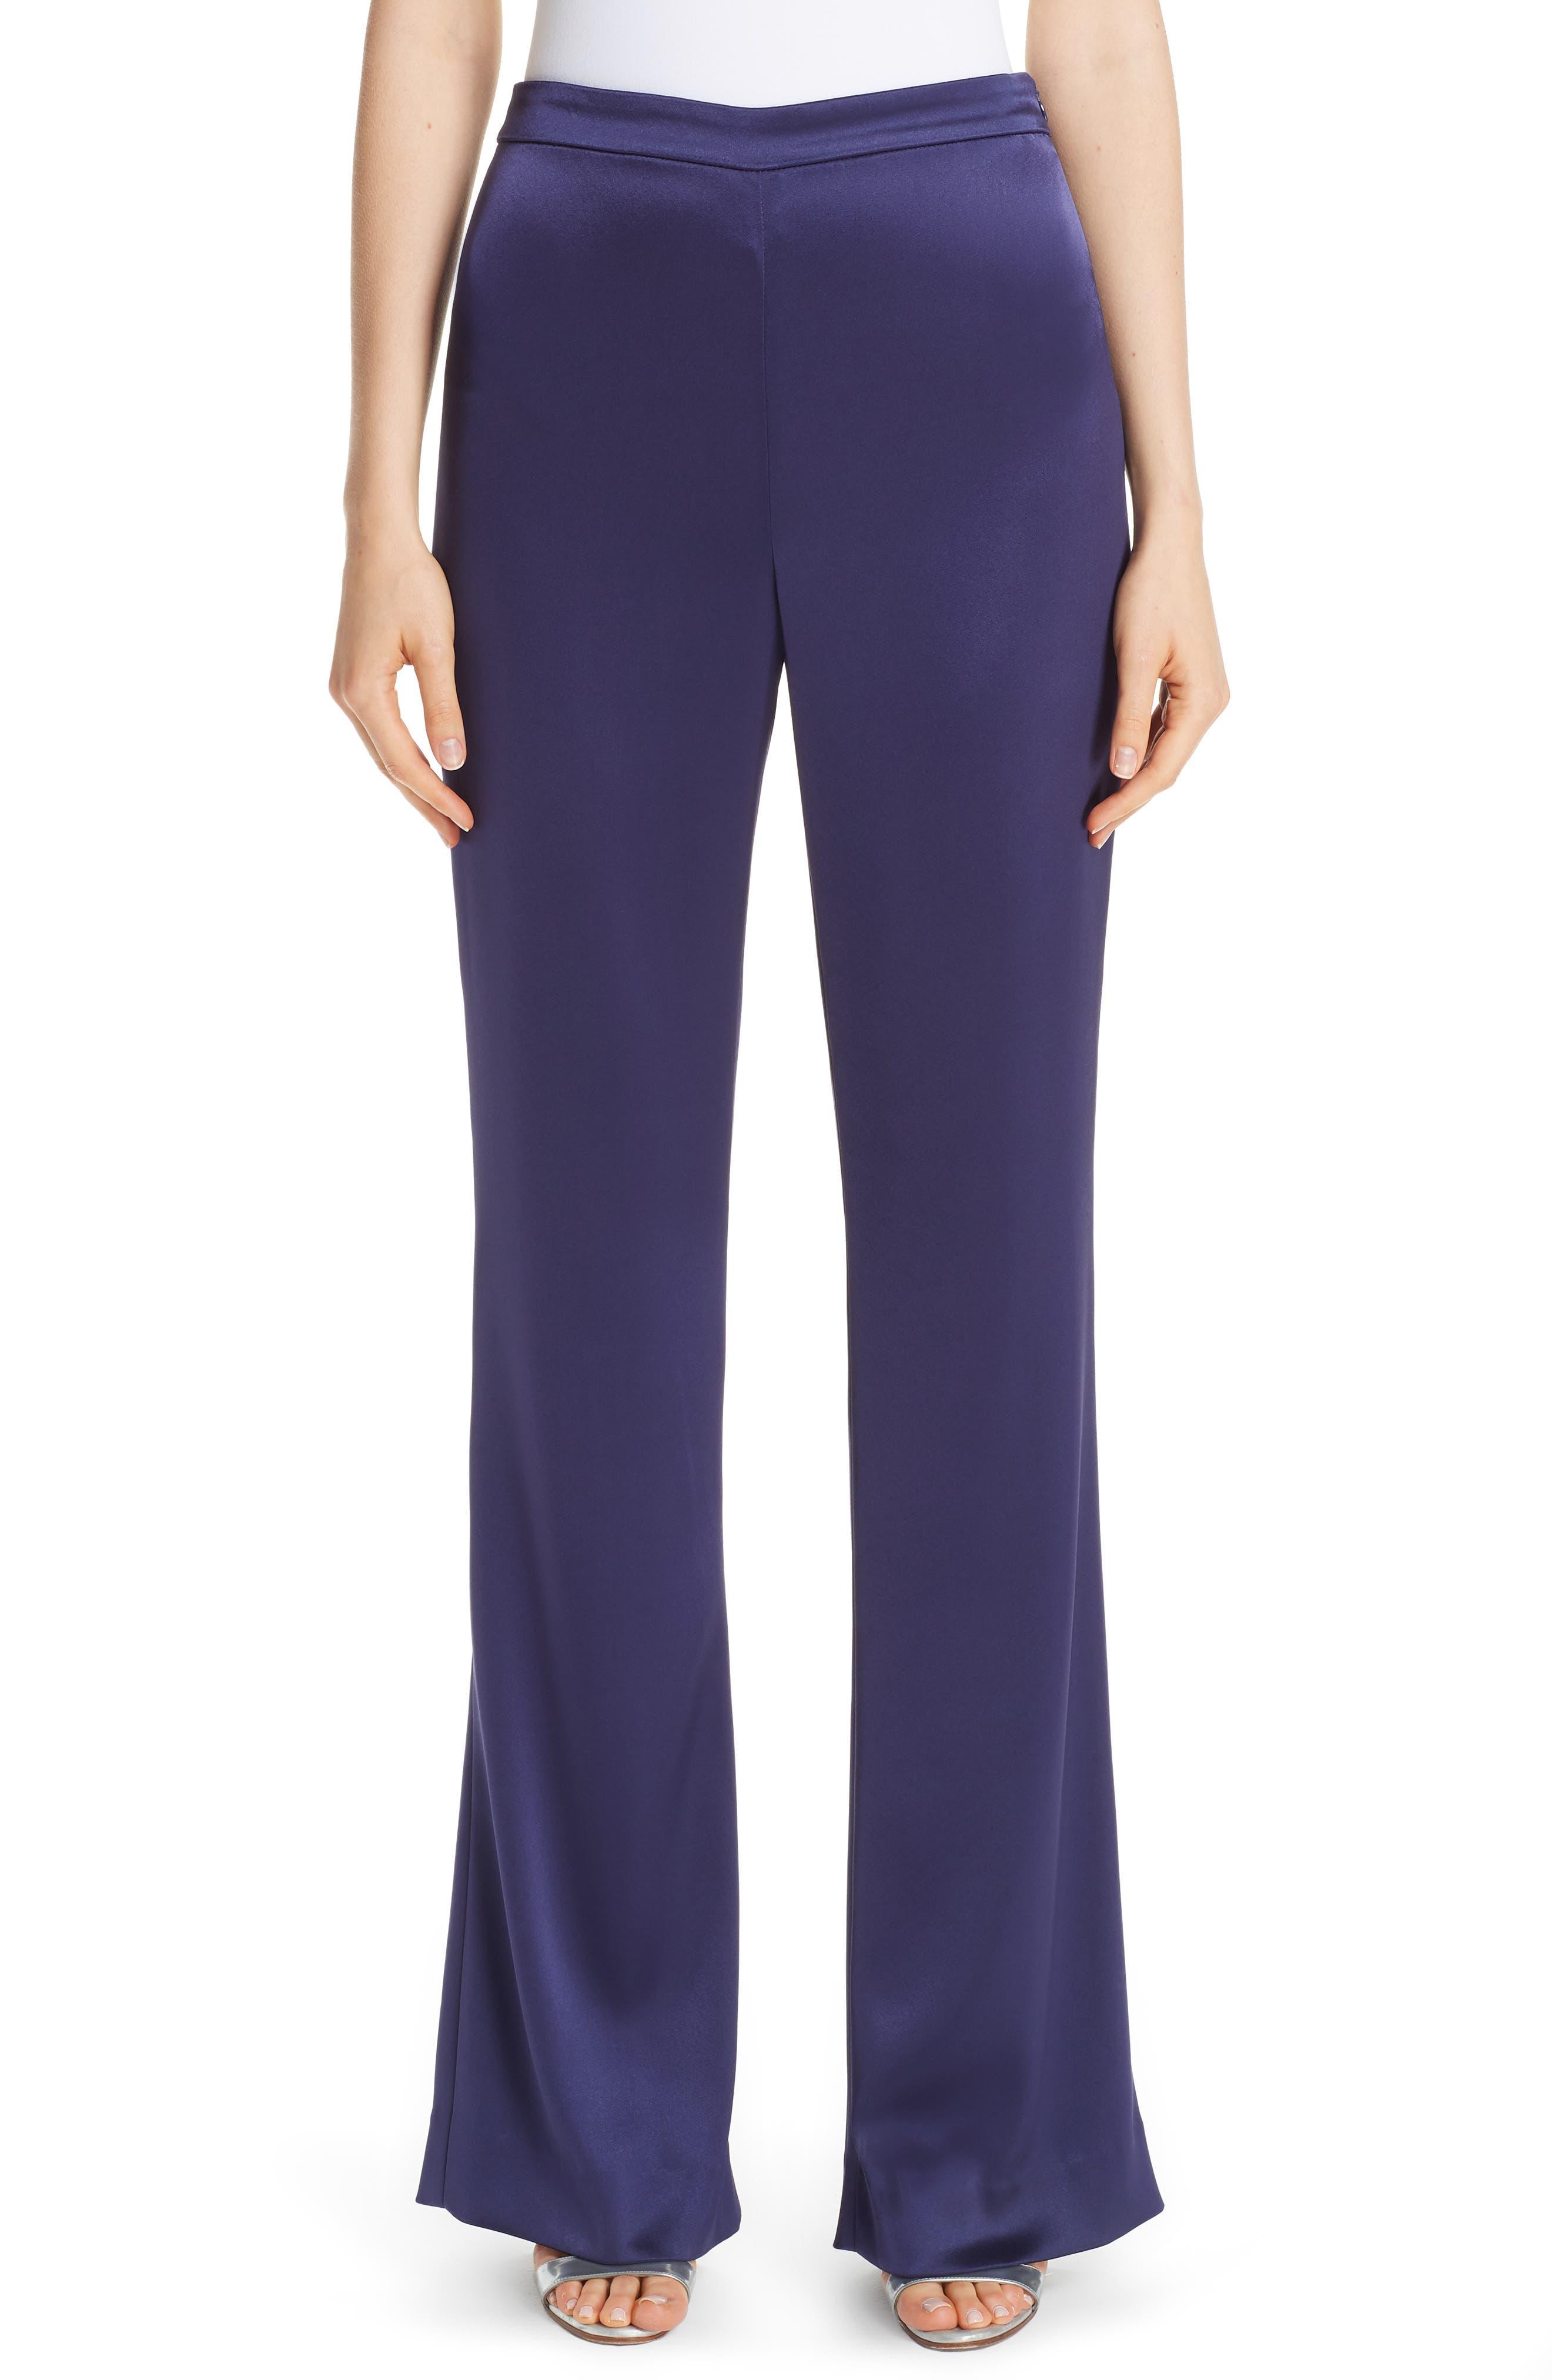 Liquid Satin Pants,                         Main,                         color, VIOLA